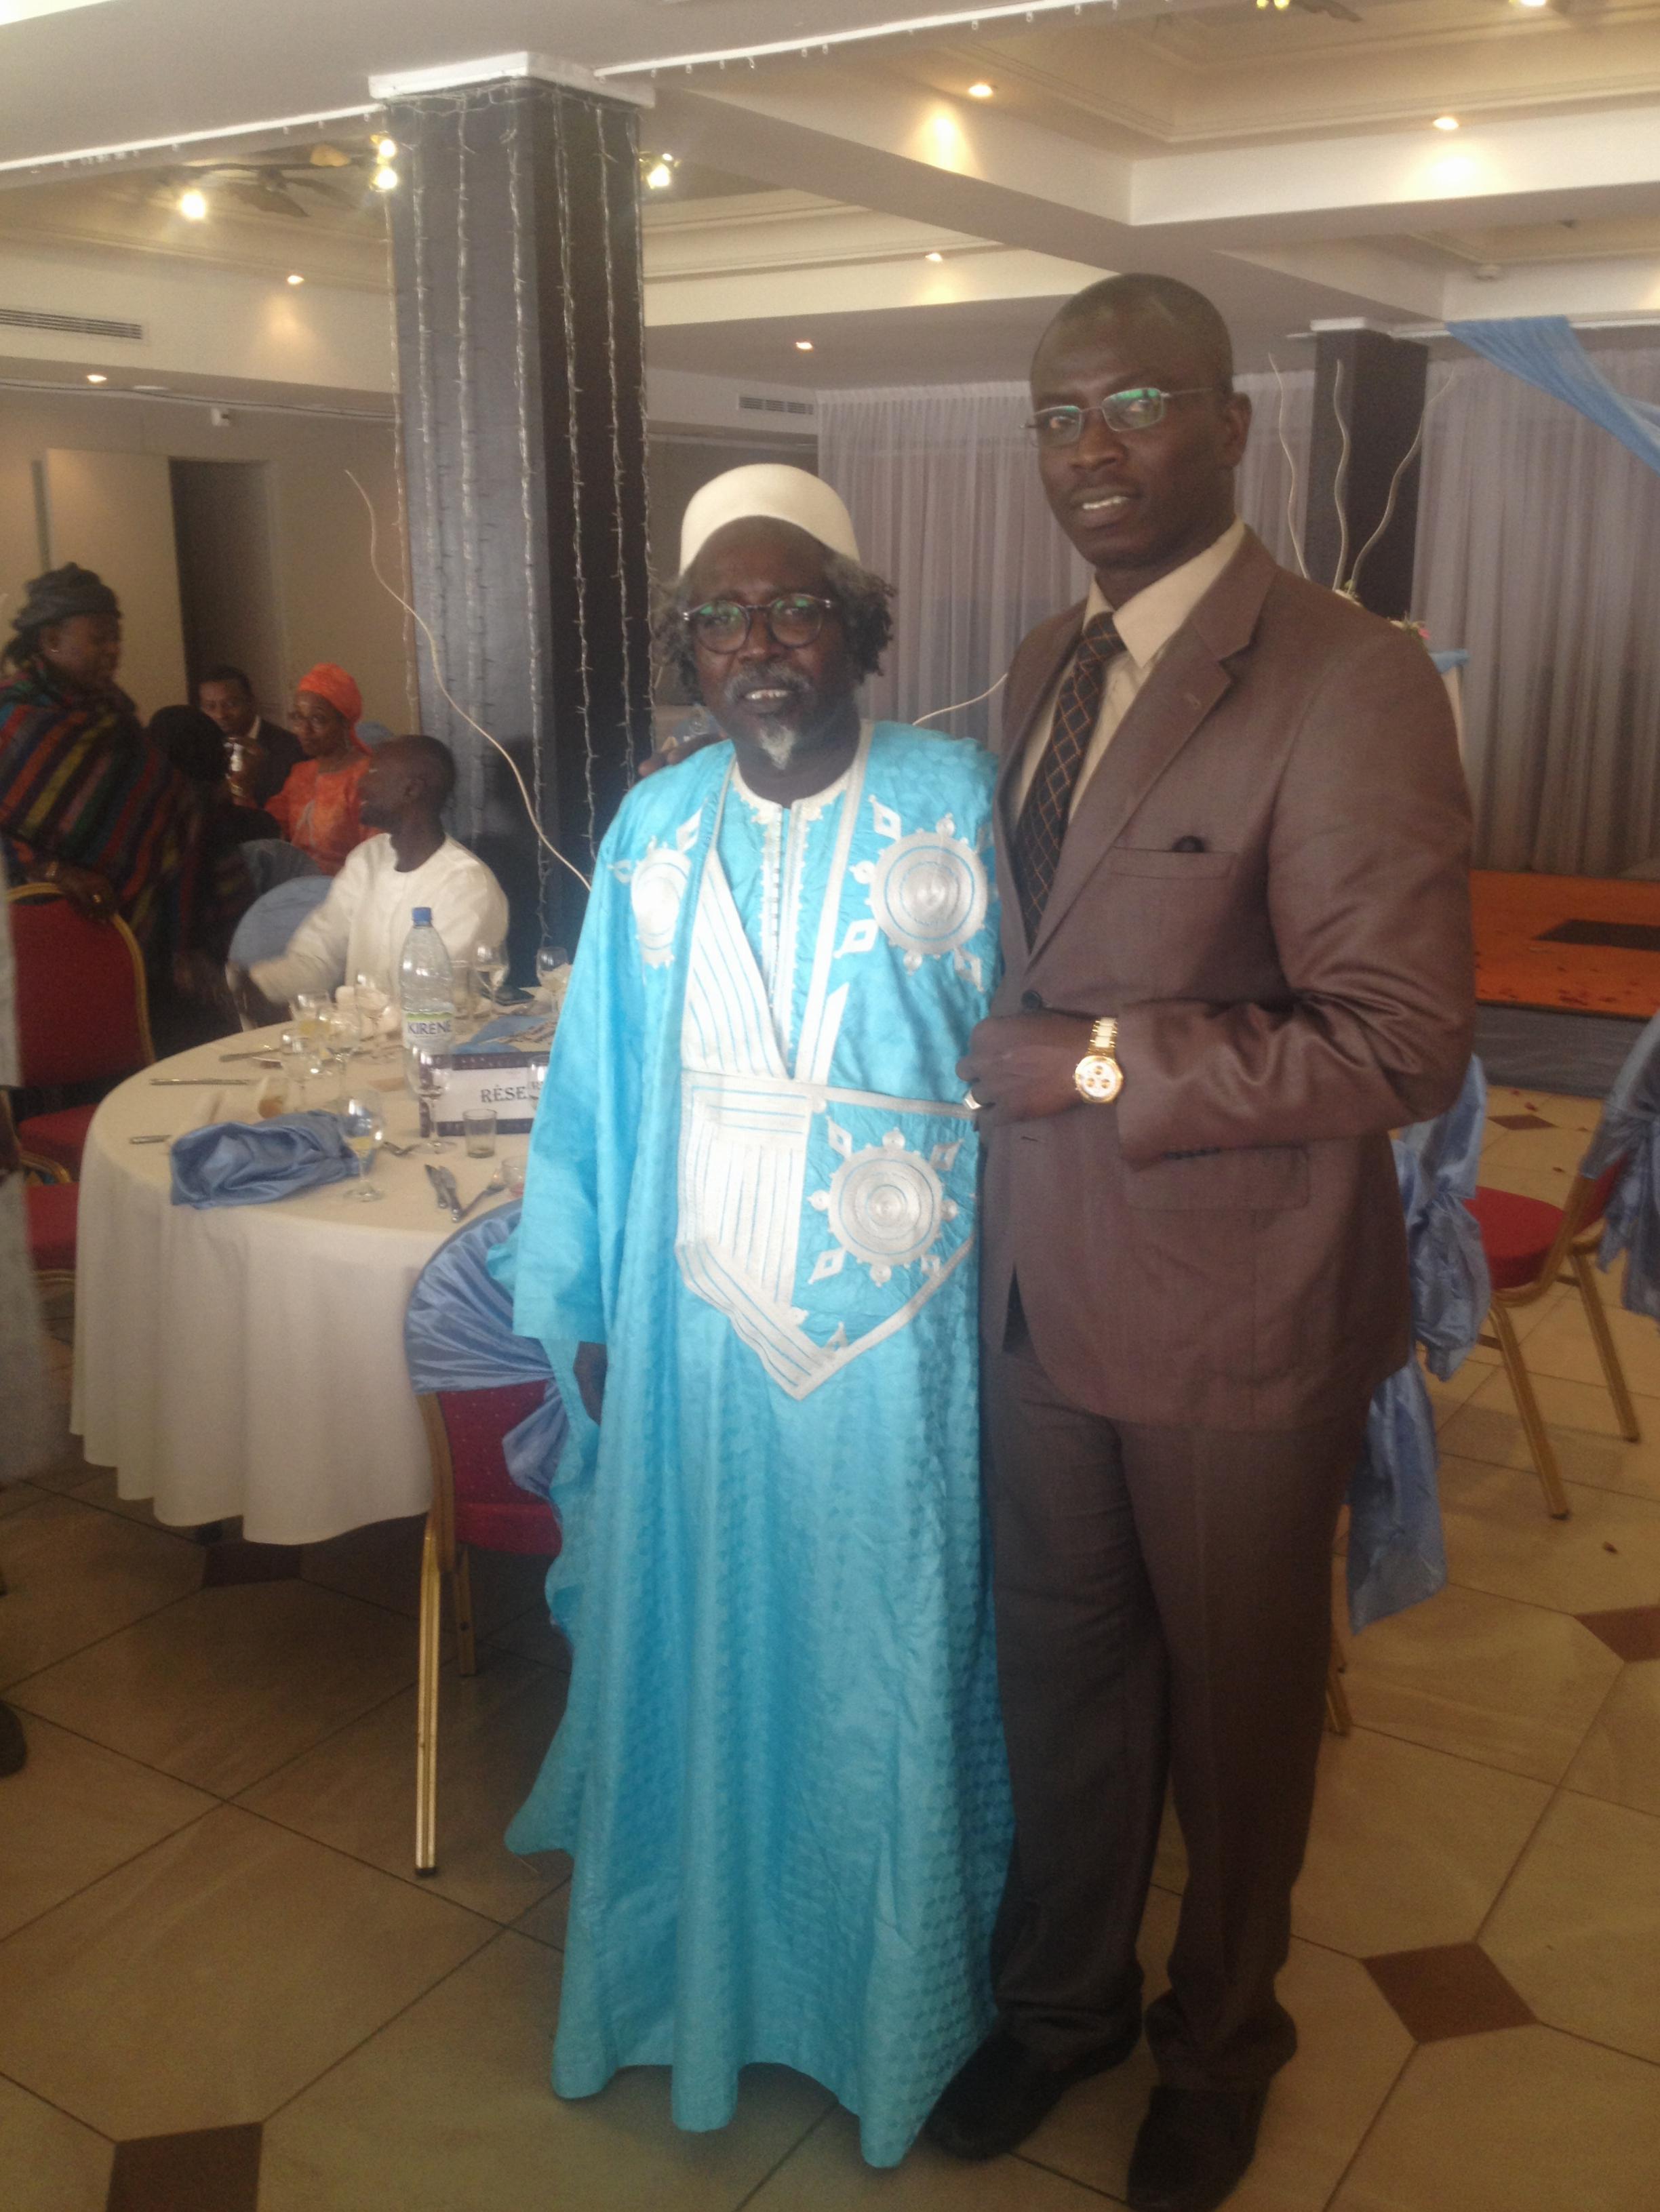 Notre confrère Boubacar Kambel Dieng à côté du doyen Ndour